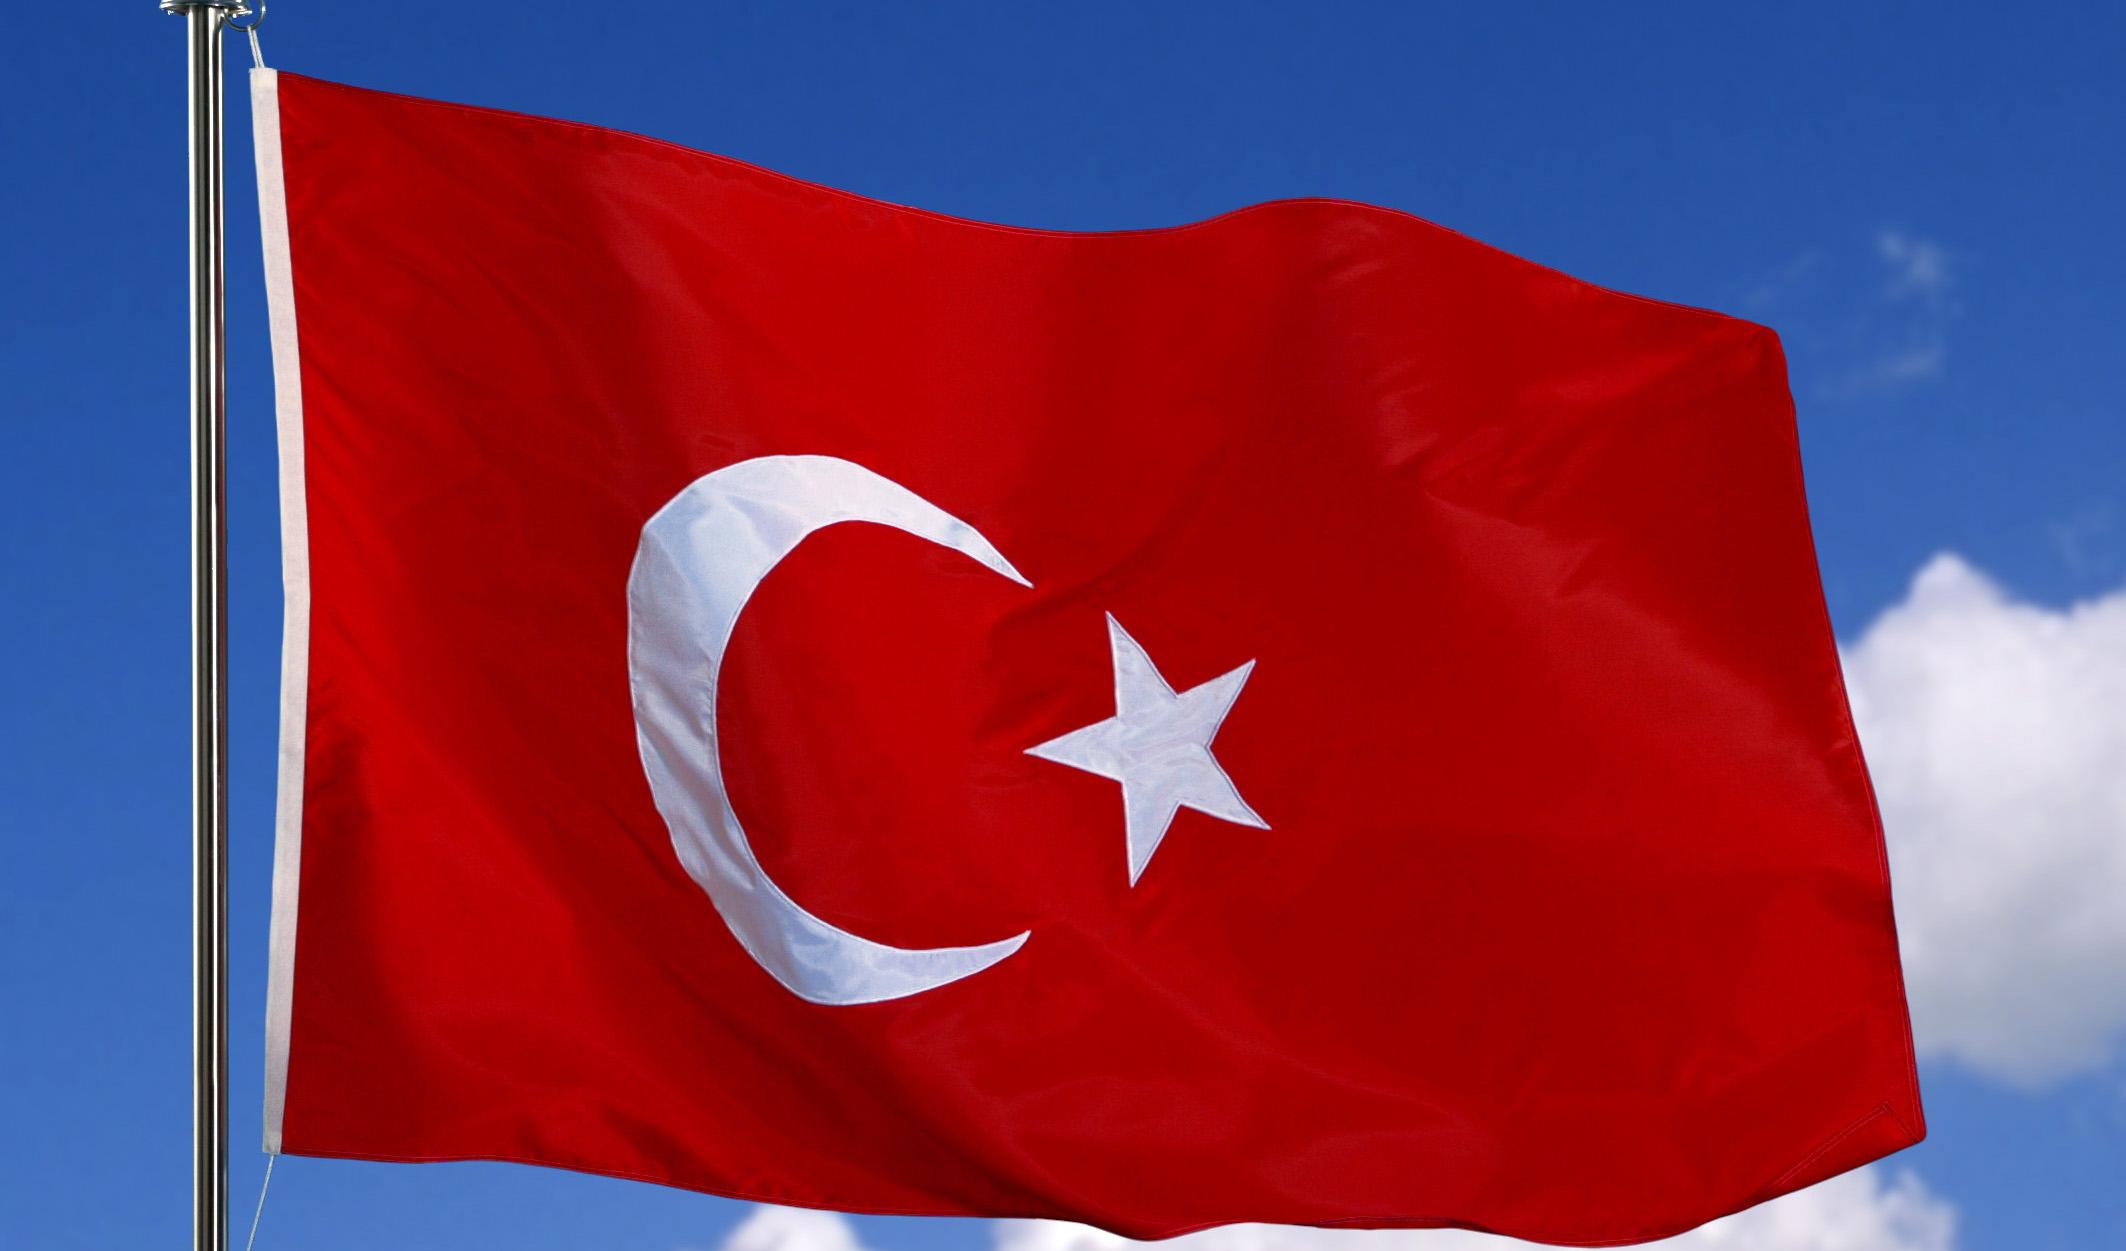 احتمال ورود ترکیه به لیست سیاه مالیاتی اتحادیه اروپا